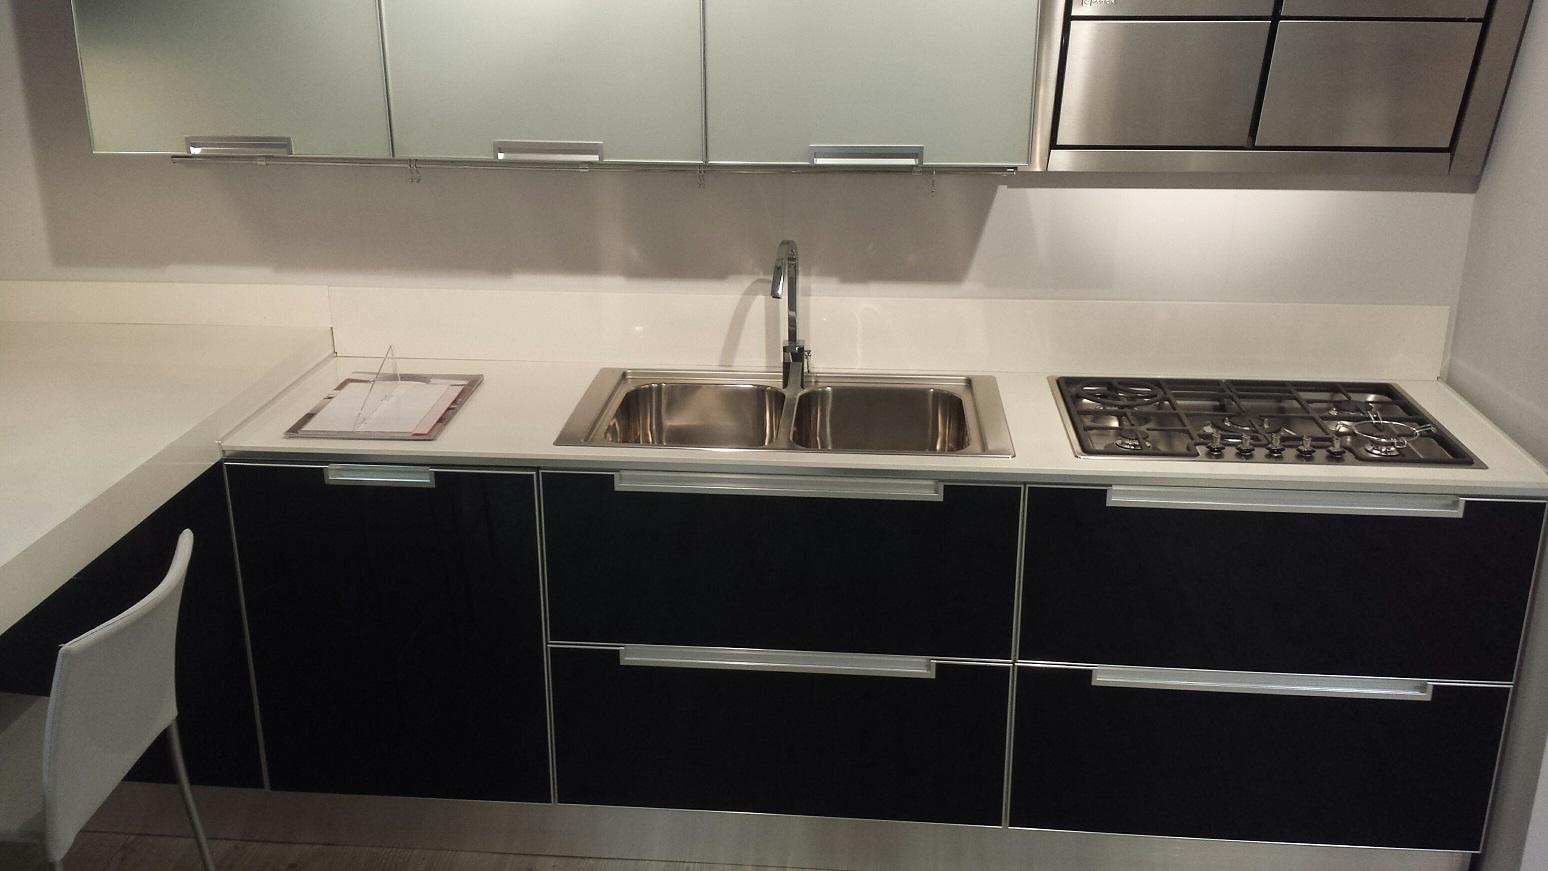 Cucina scavolini cucina crystal in vetro scavolini scontato del 47 cucine a prezzi scontati - Piano cucina quarzo ...